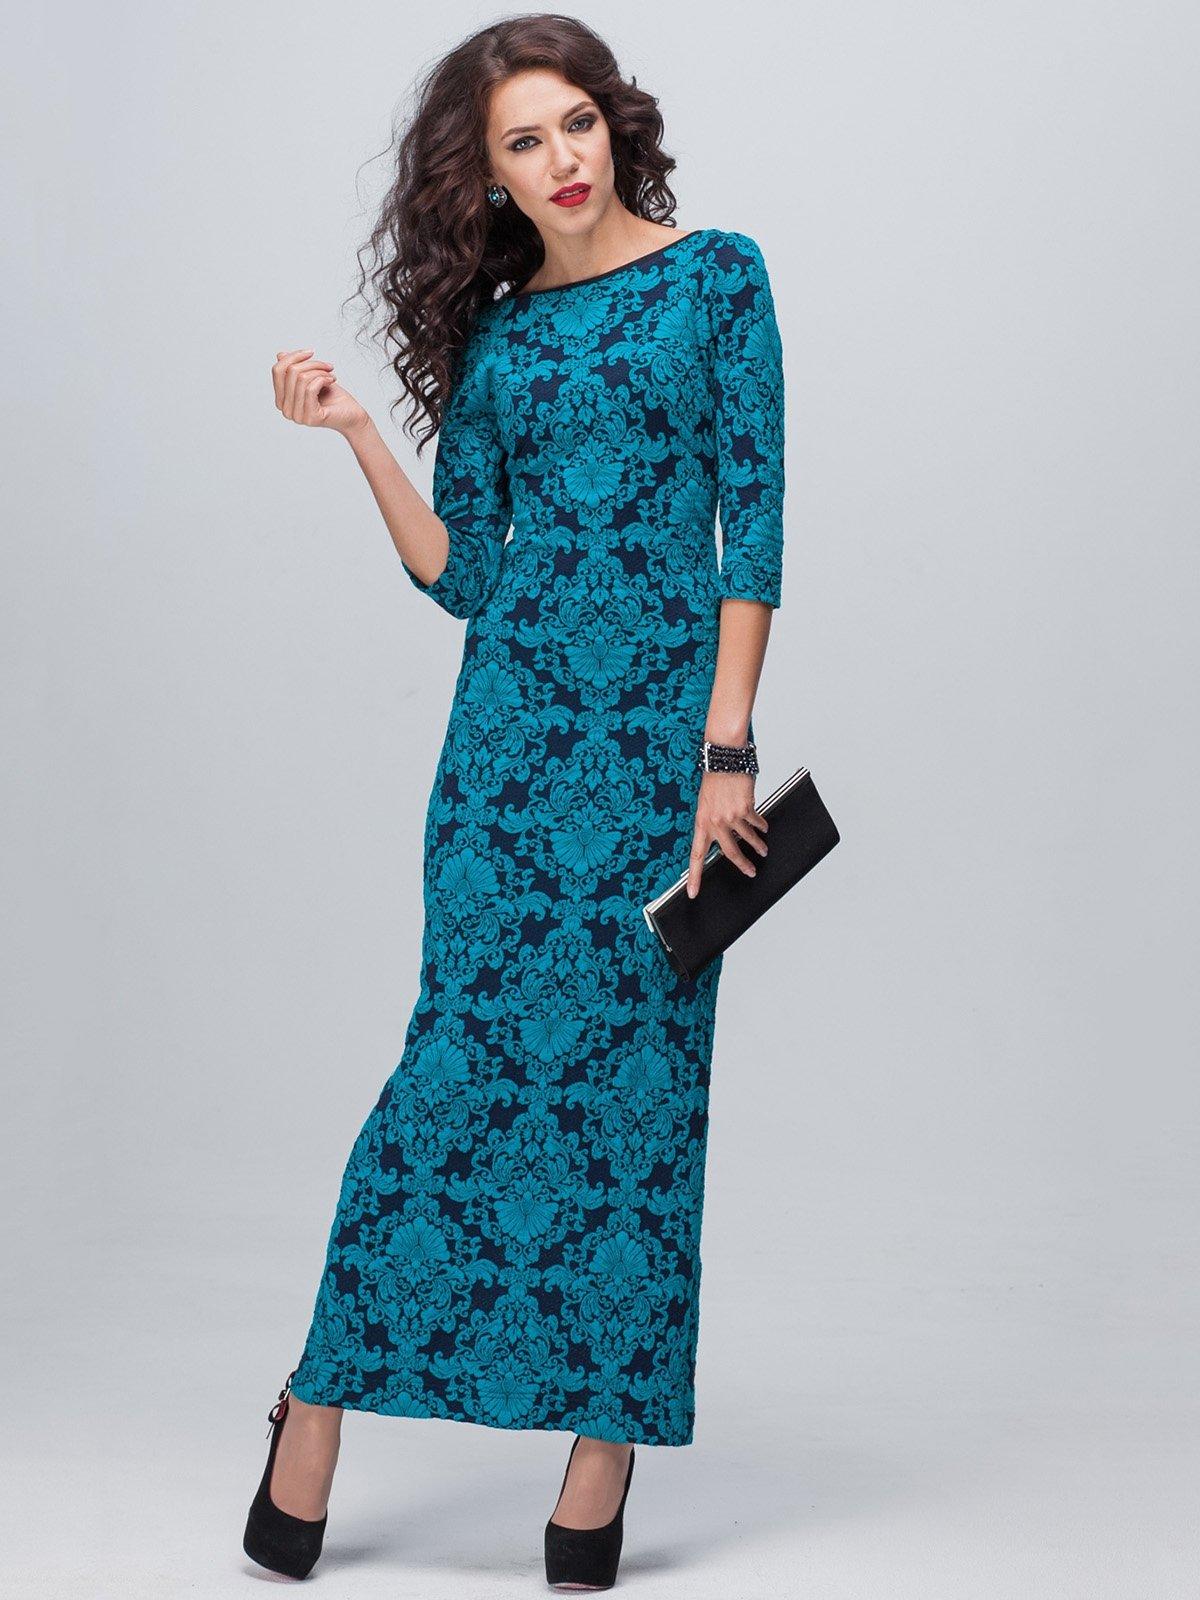 Сукня синьо-бірюзова у візерунок | 1895279